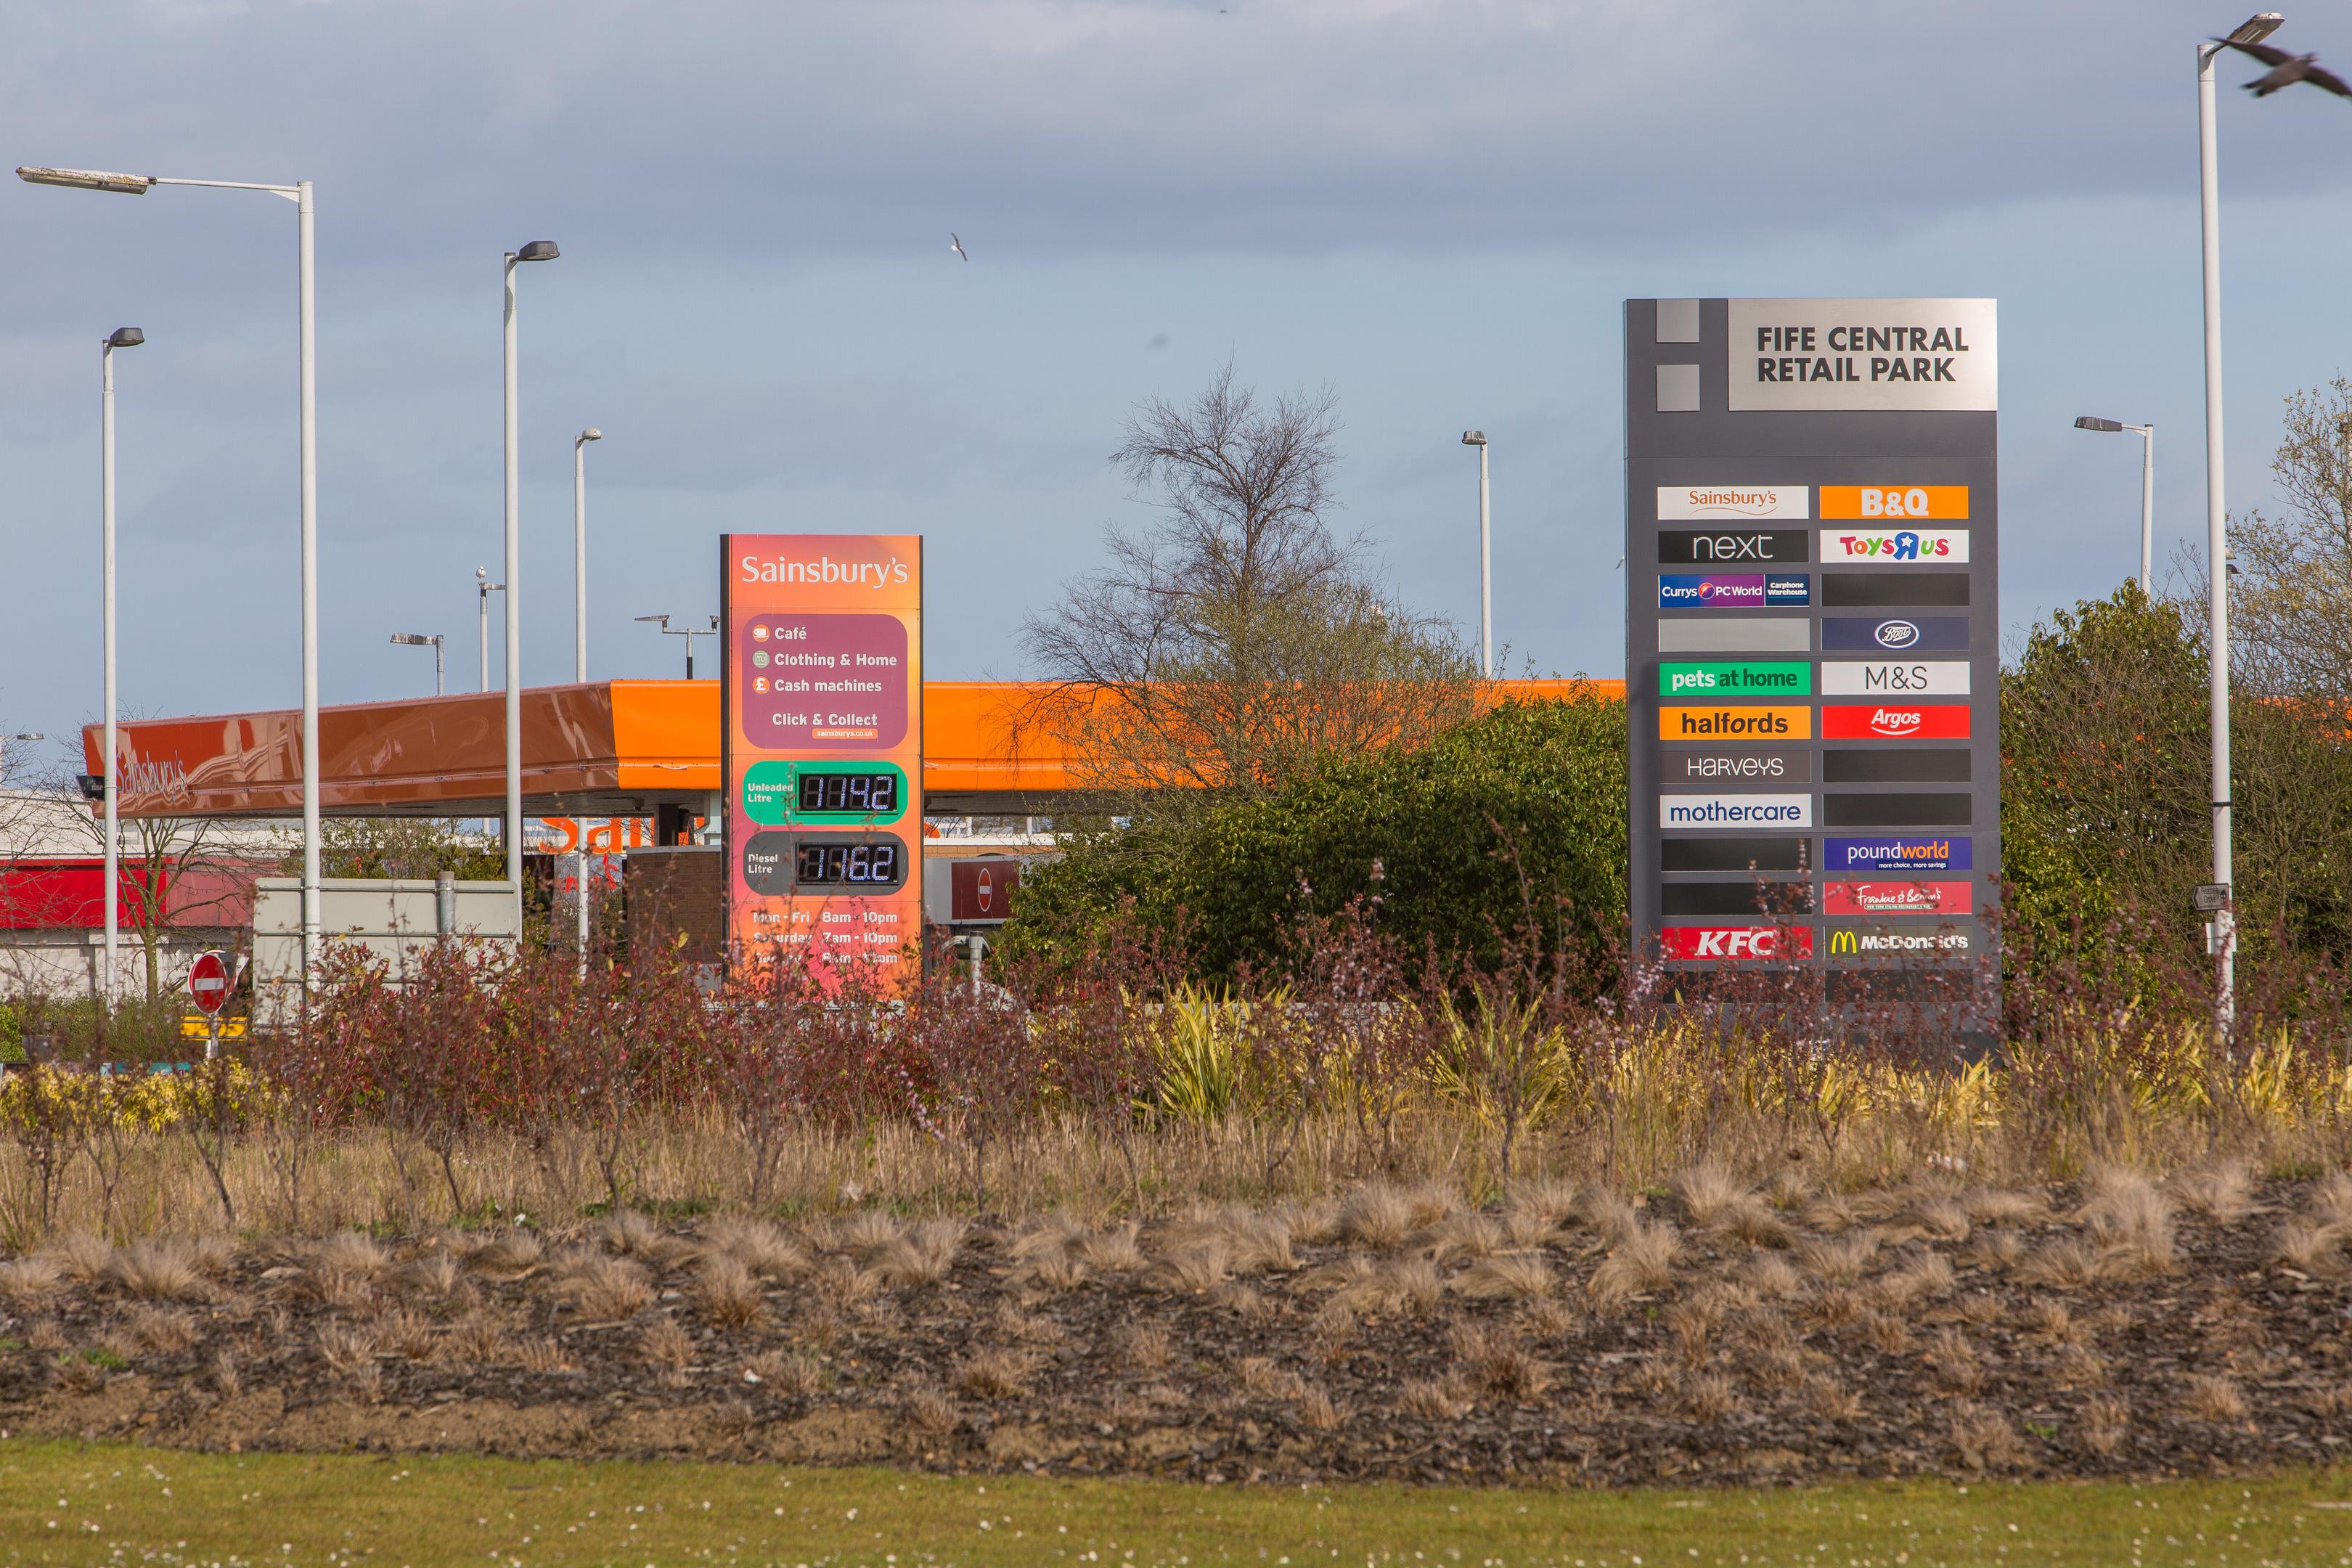 Fife Central Retail Park, Kirkcaldy.